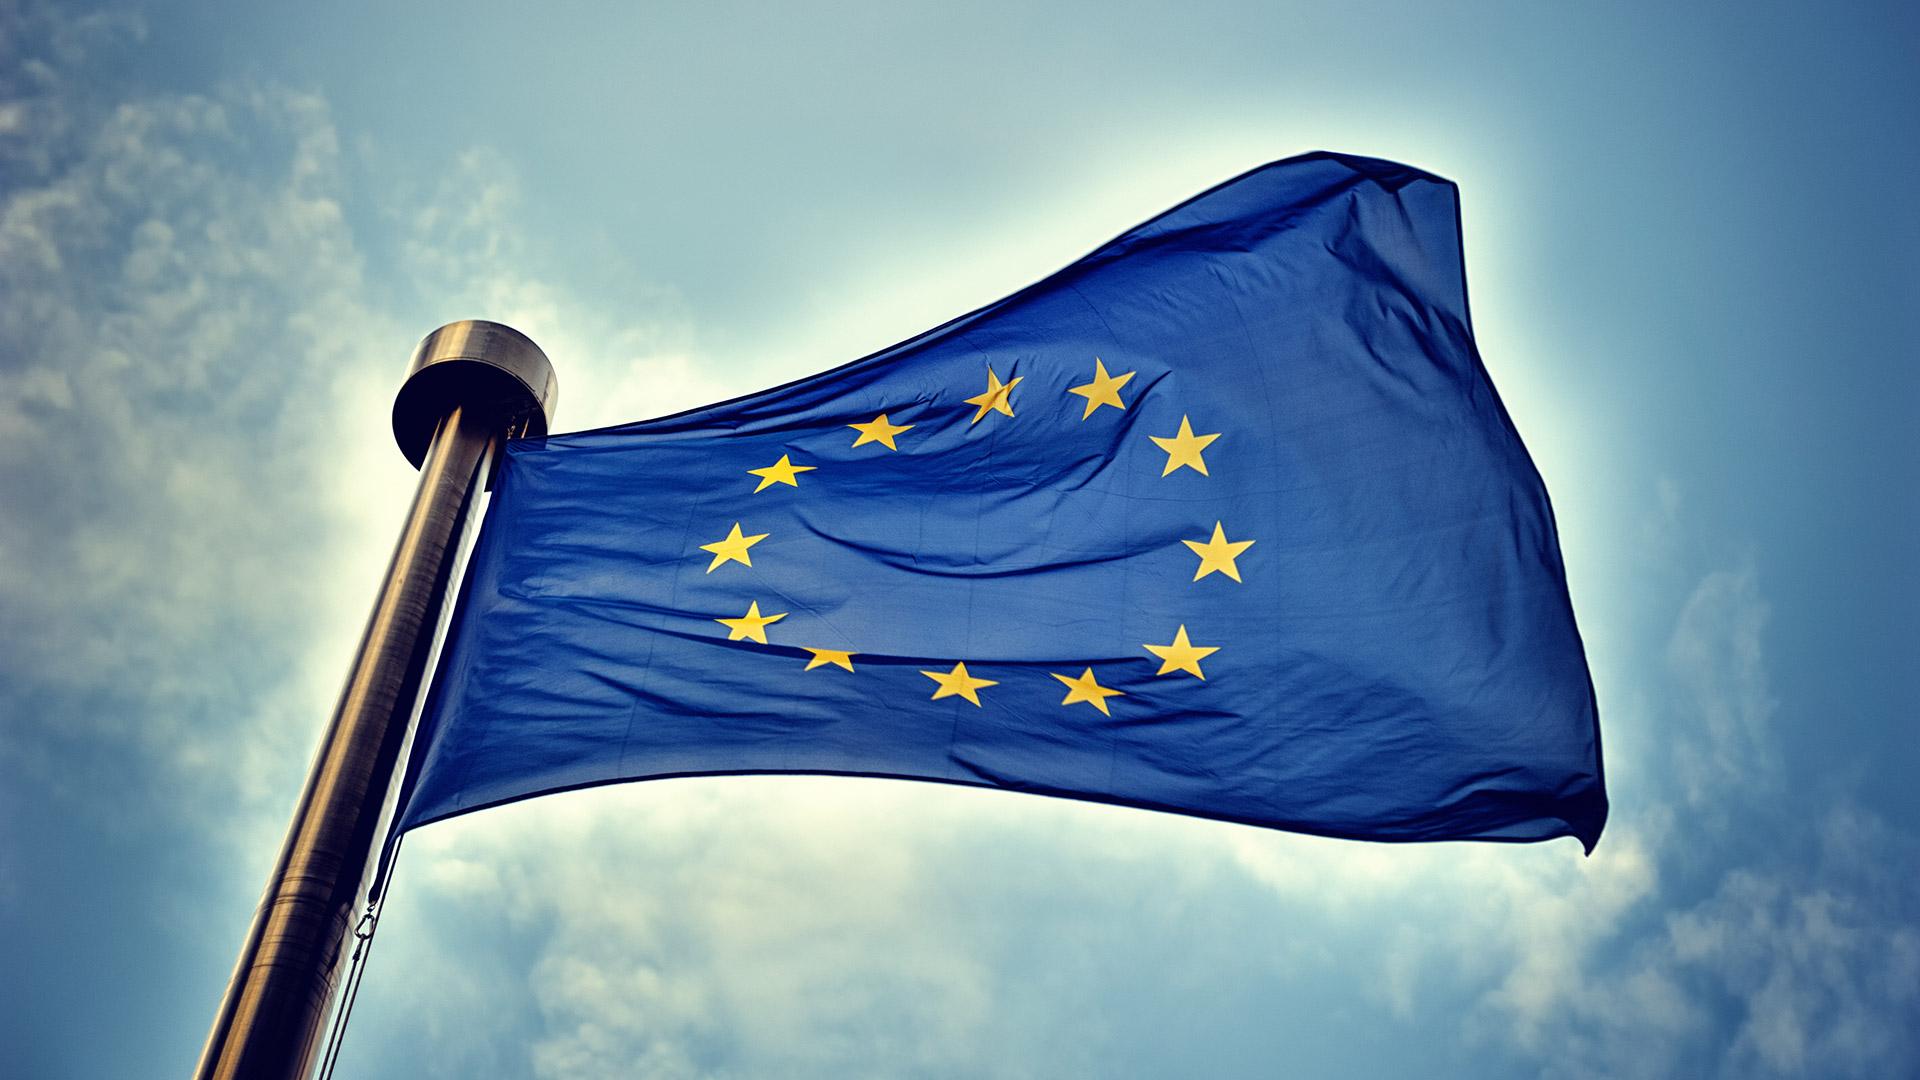 EU #новости Грузия, евросоюз, ес, оккупация, Татунашвили, Цхинвали, Южная Осетия, არჩილ ტატუნაშვილი